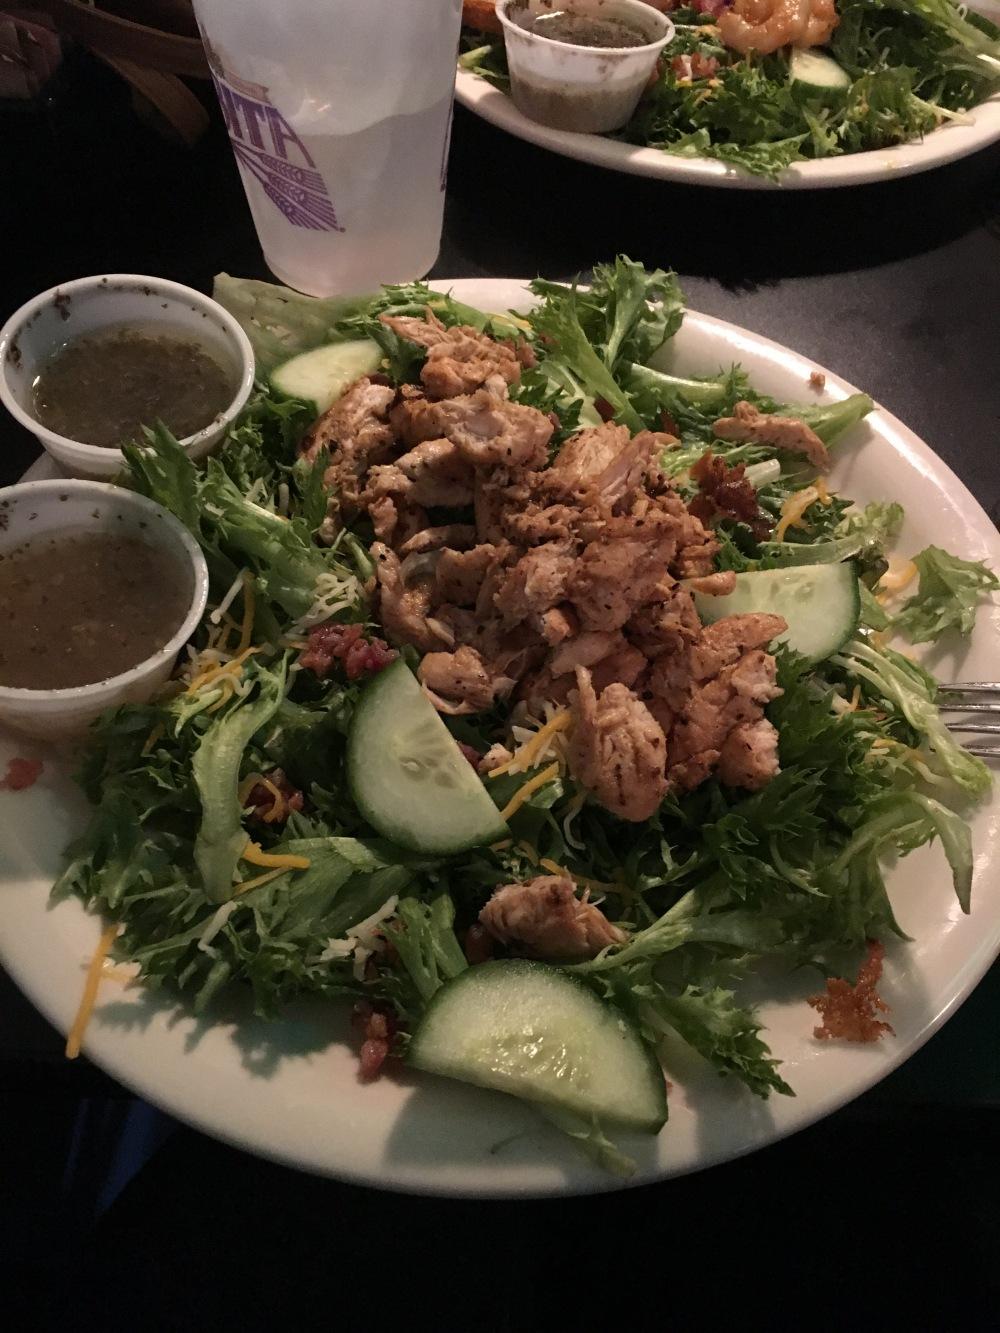 Cafe salad at Blu Jazz Cafe